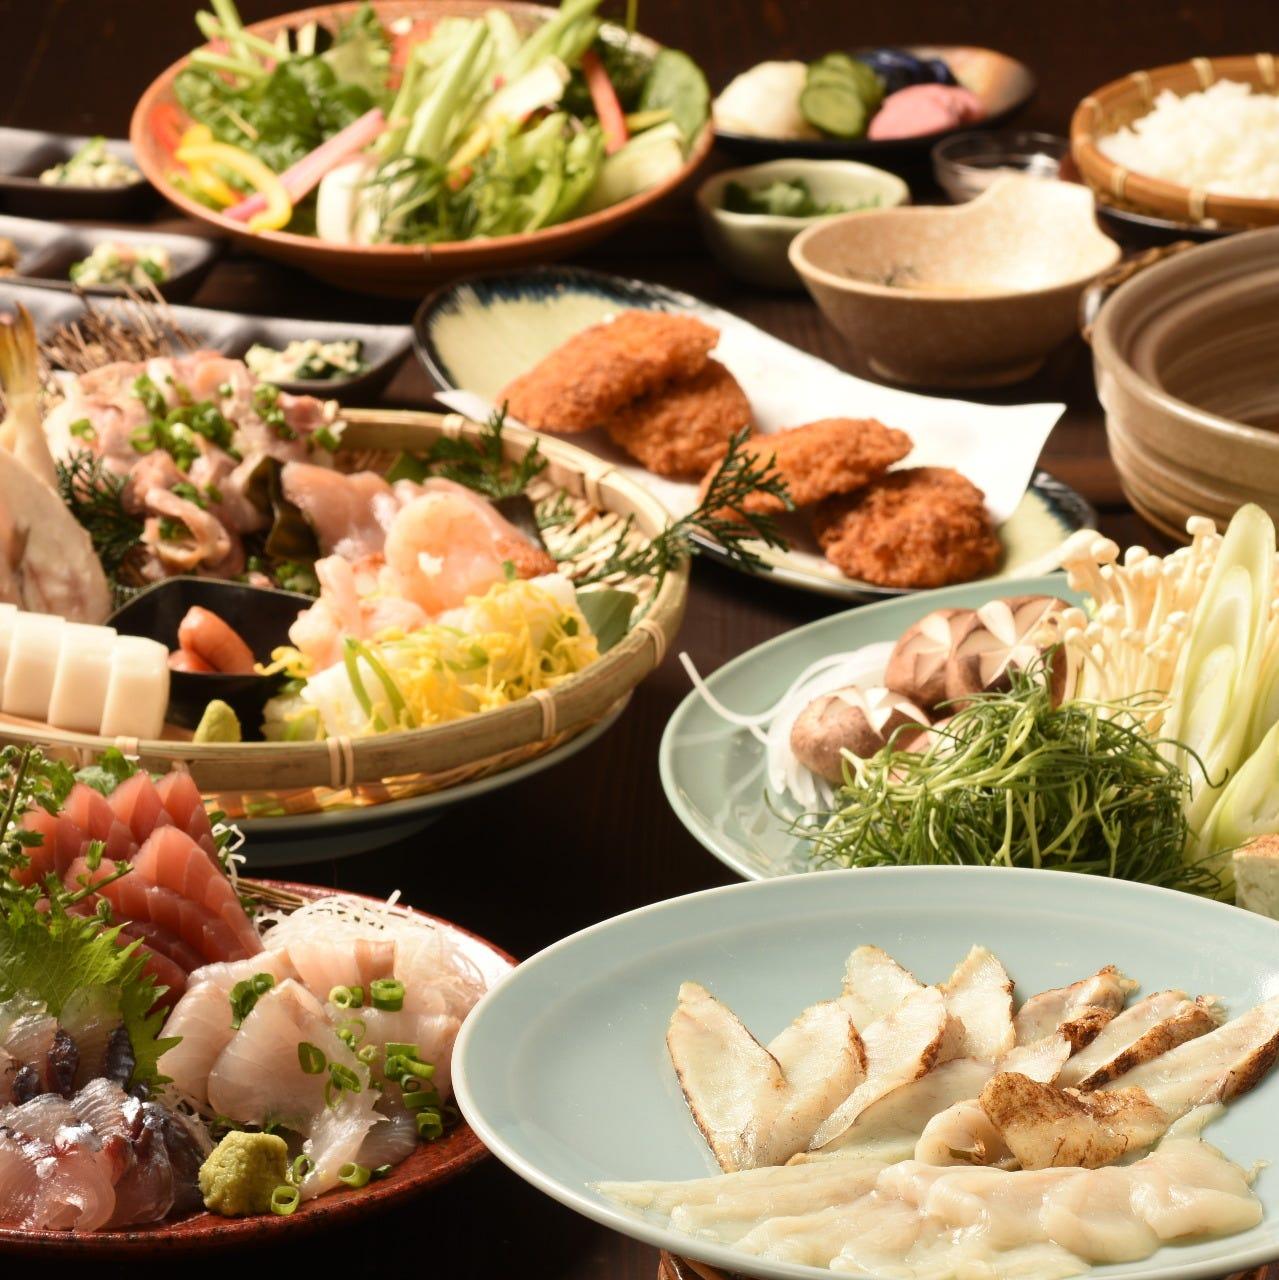 ≪山口の美味しさ≫いっぱいのご宴会